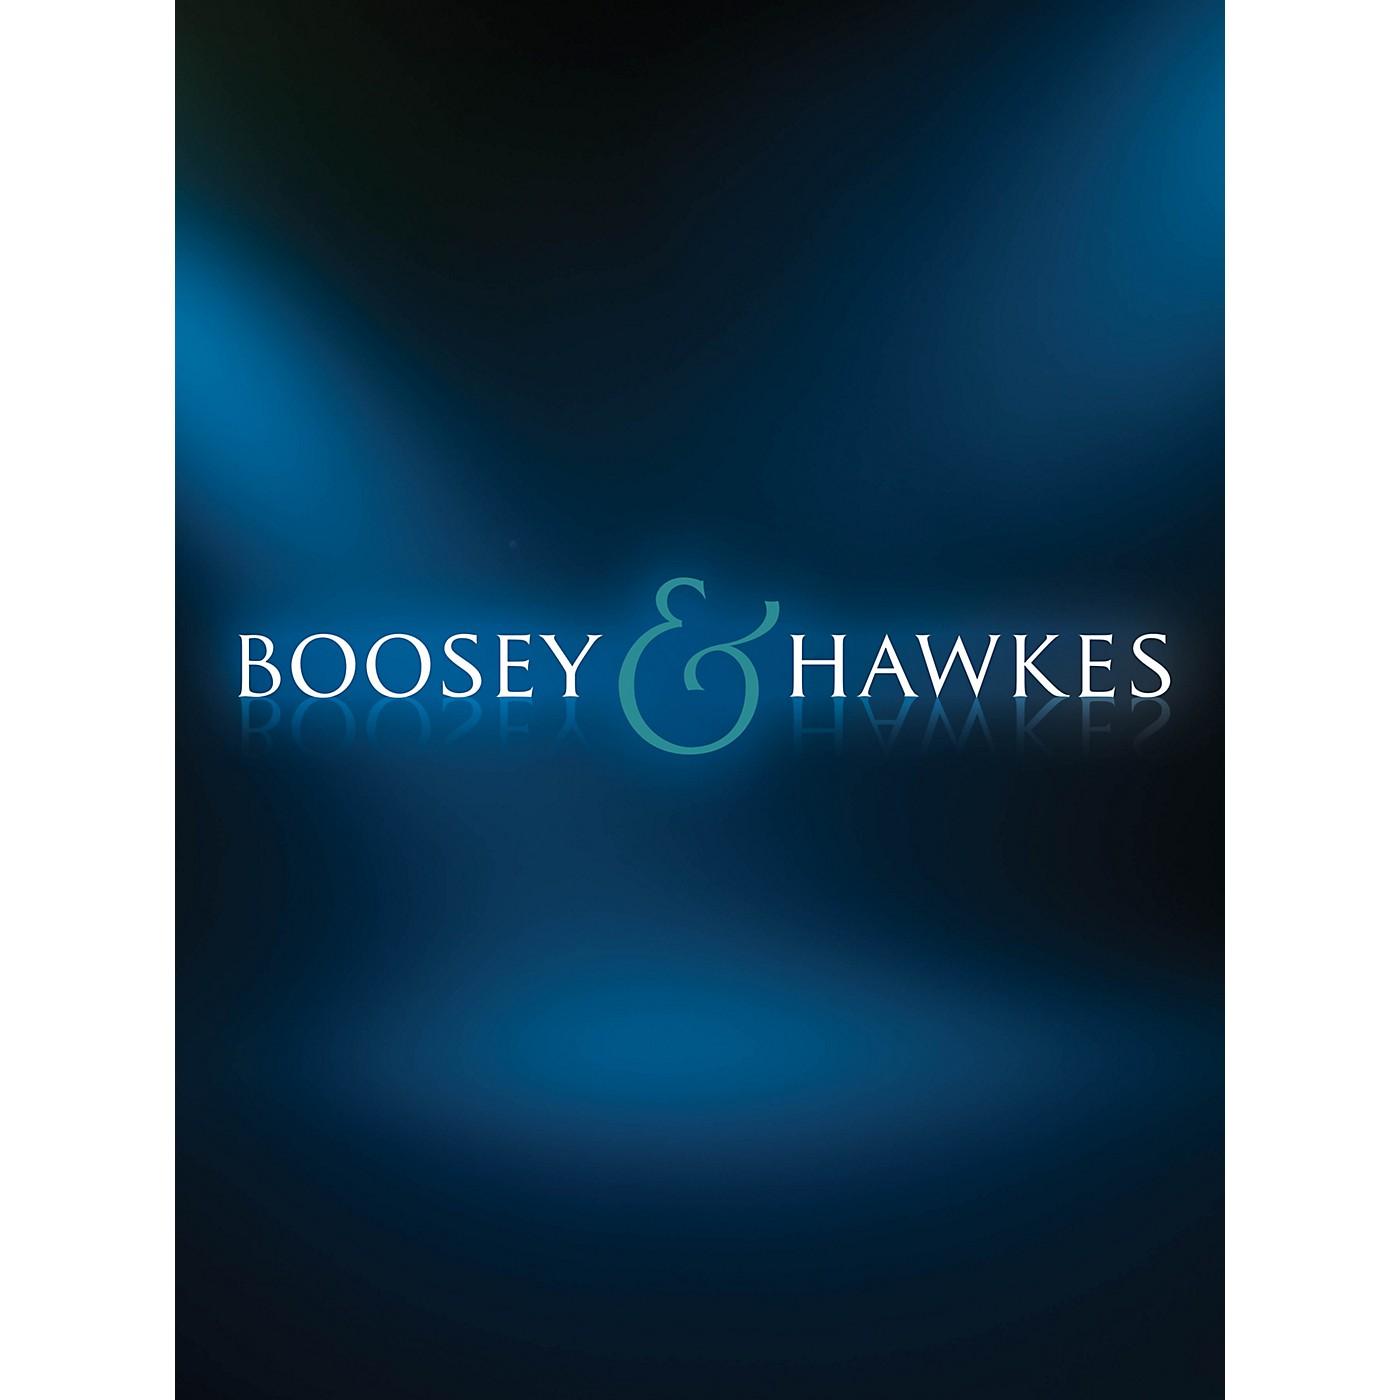 Bote & Bock Lieder um eine kleine Stadt, Op. 95 (Book 1) Boosey & Hawkes Voice Series Composed by Yrjö Kilpinen thumbnail